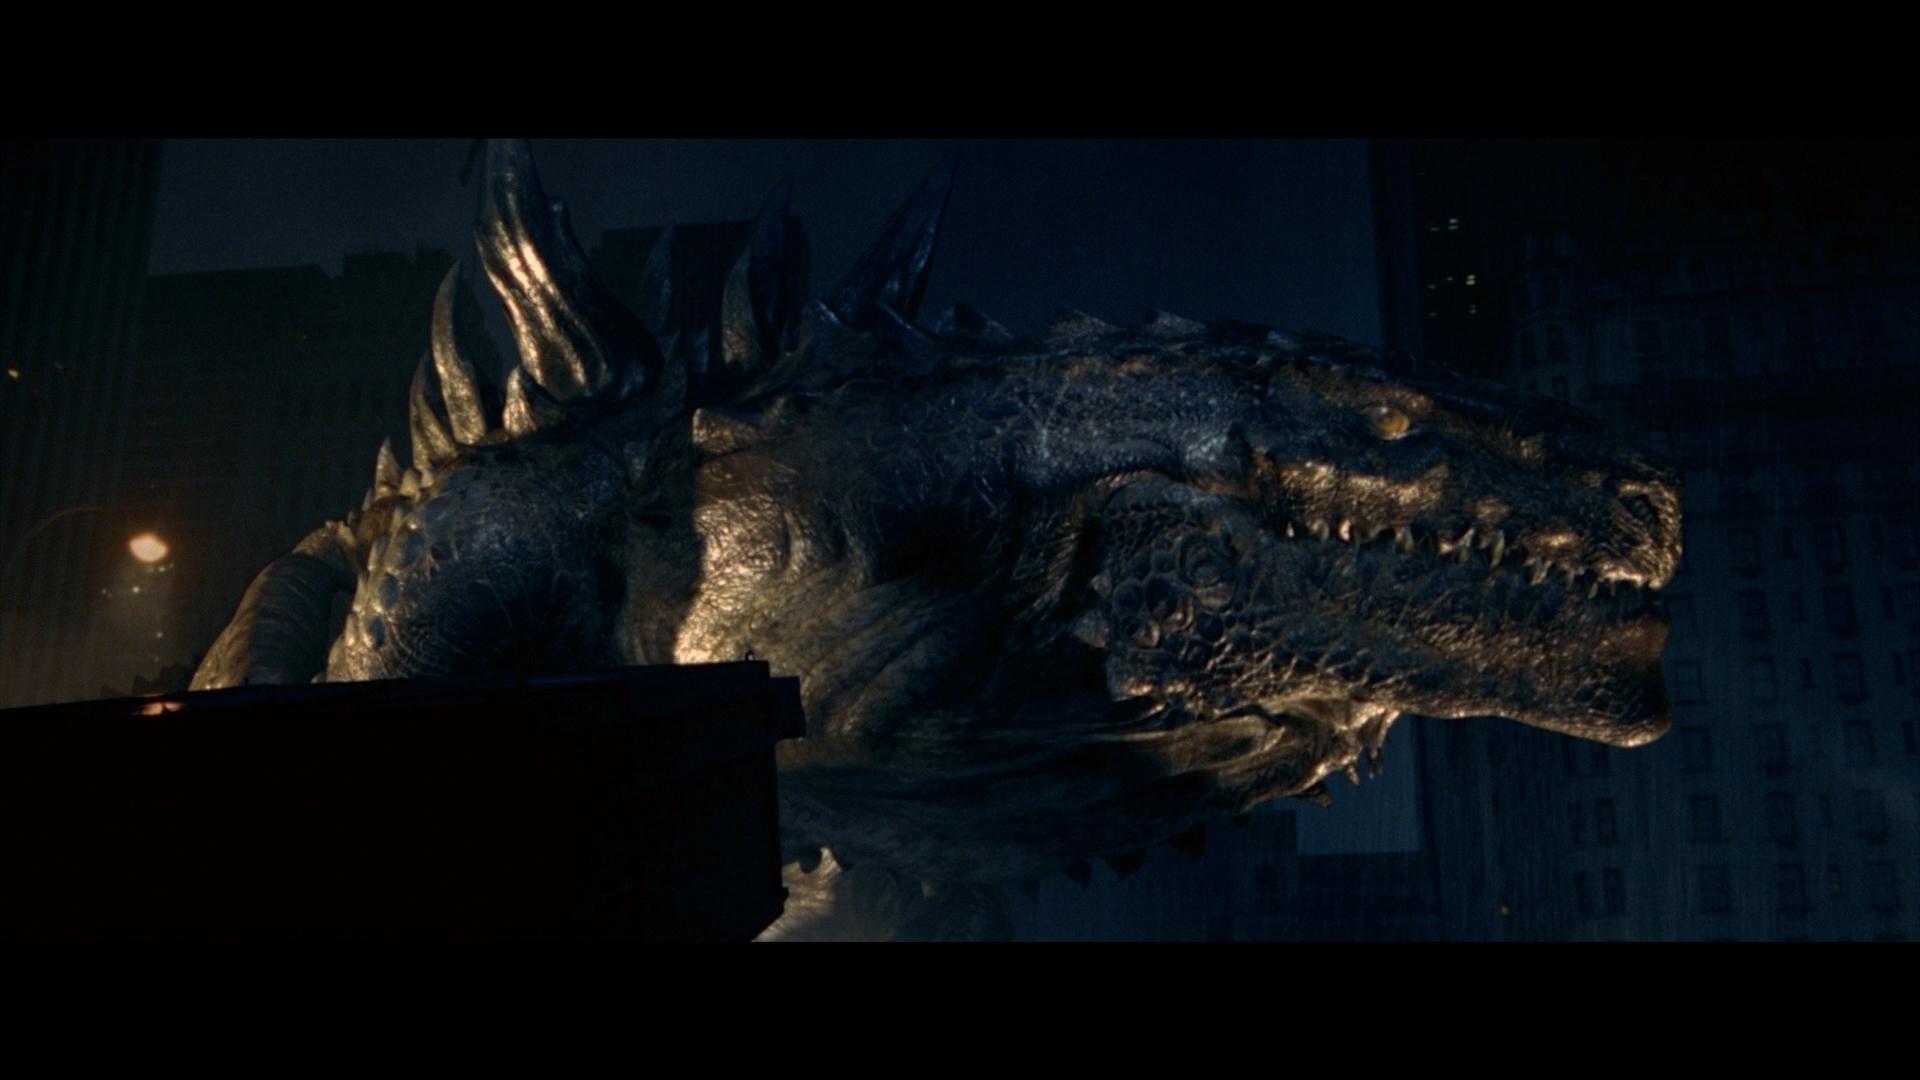 Godzilla 1998 Wallpaper Hd Re godzilla 1920x1080